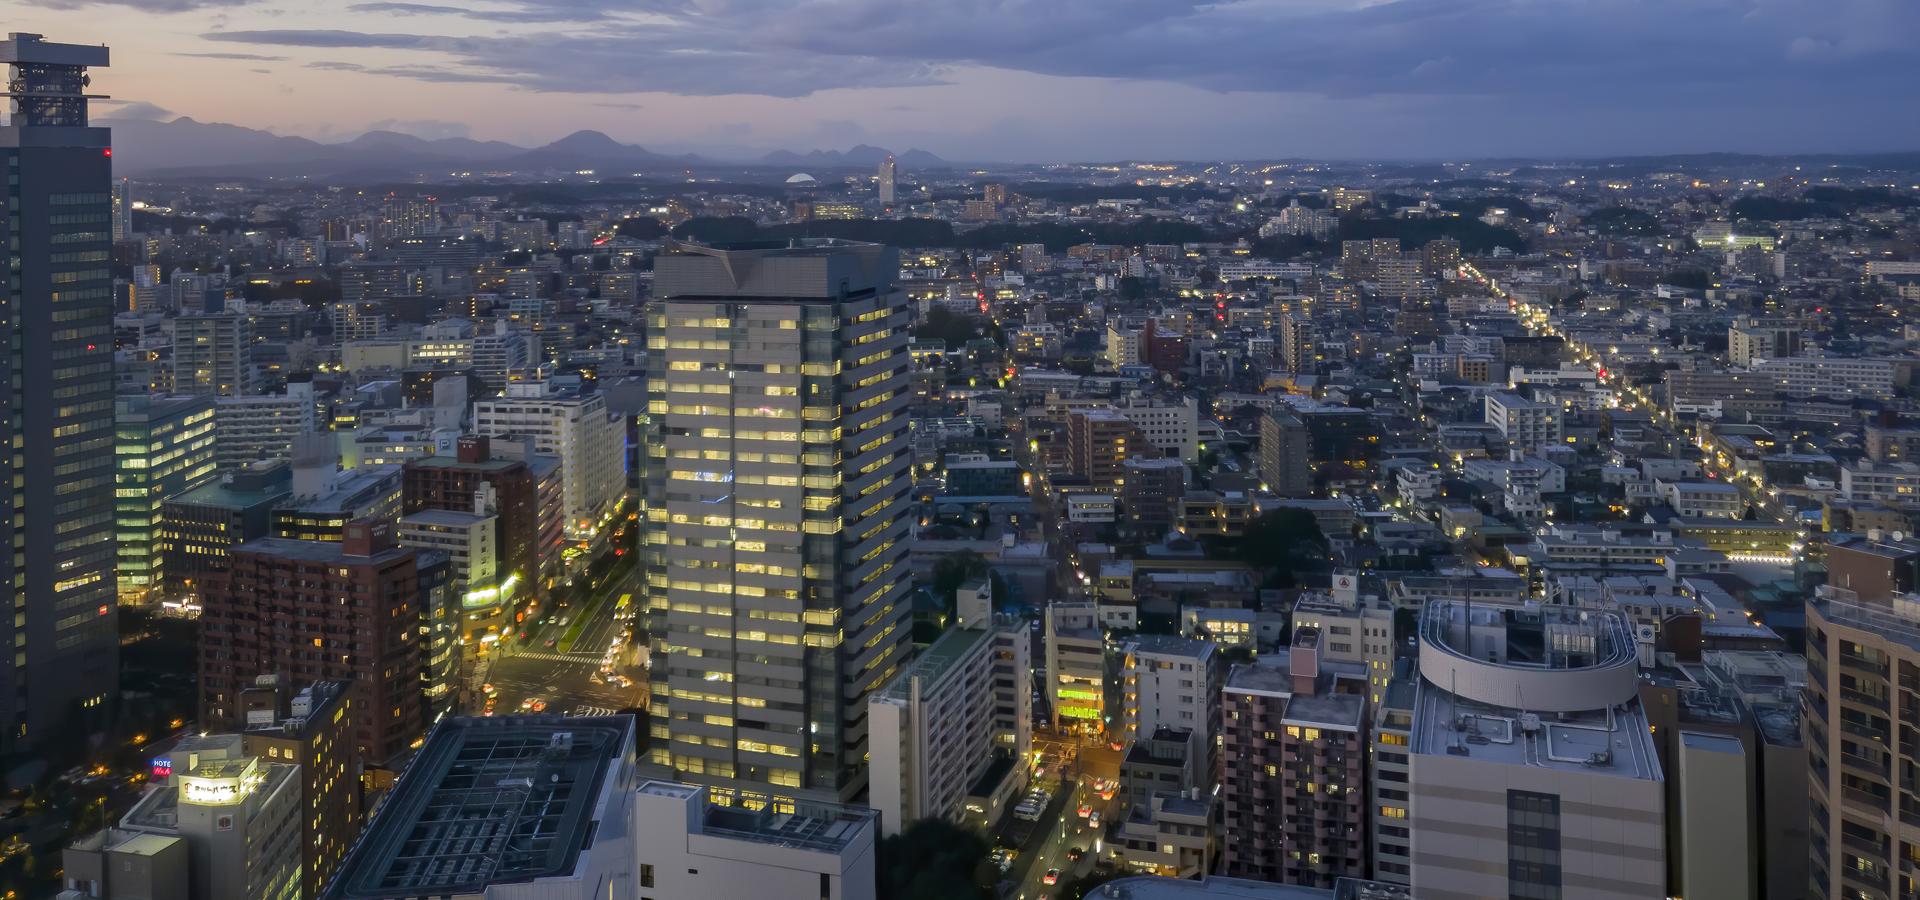 Peer-to-peer advisory in Sendai, Miyagi Prefecture, Tōhoku Region, Japan